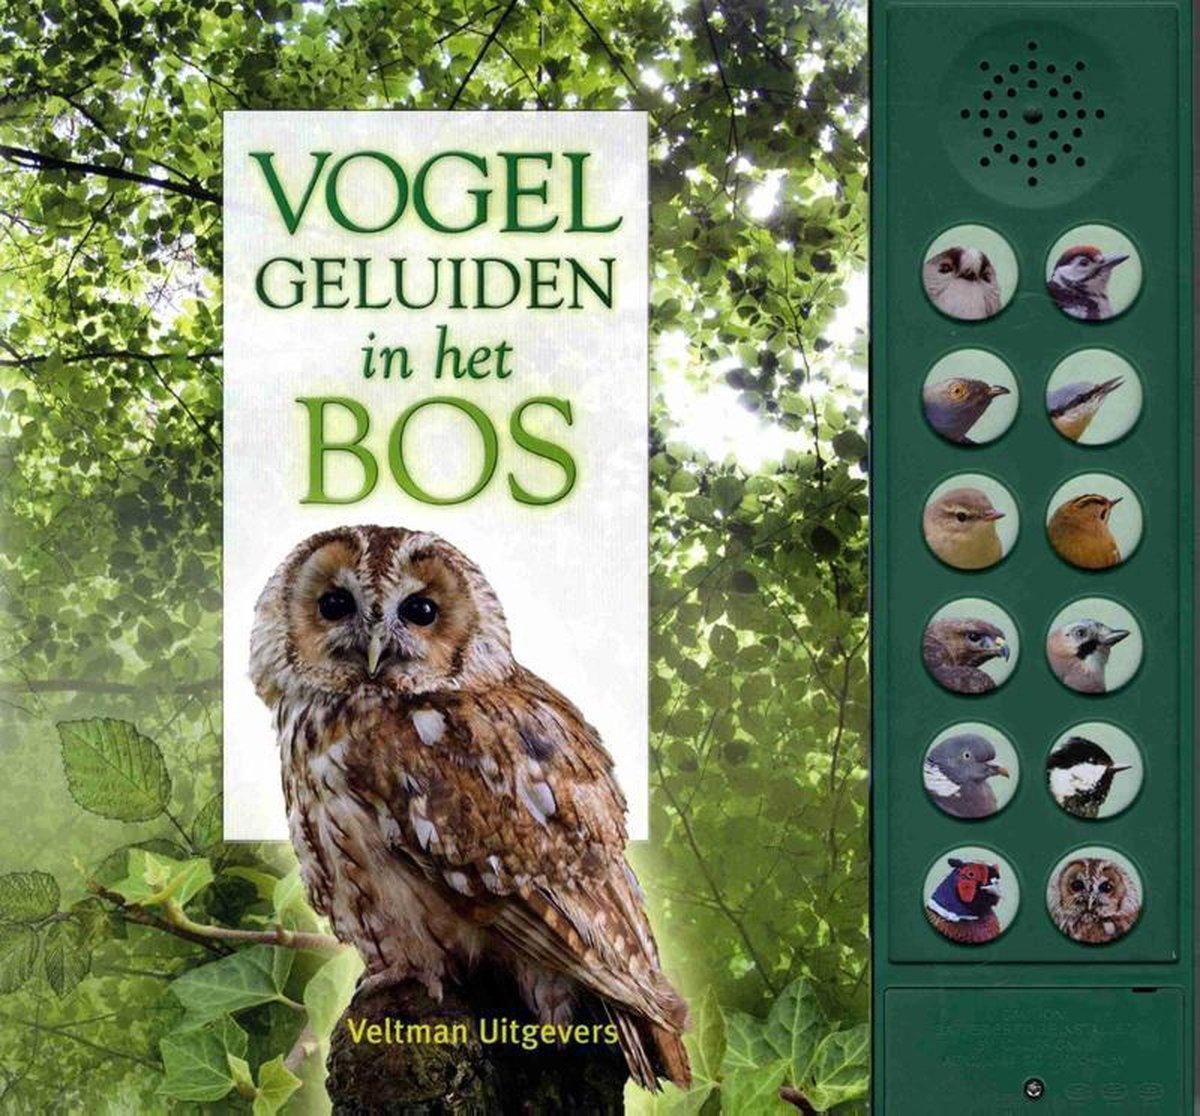 Vogelgeluiden in het bos - Andrea Pinnington